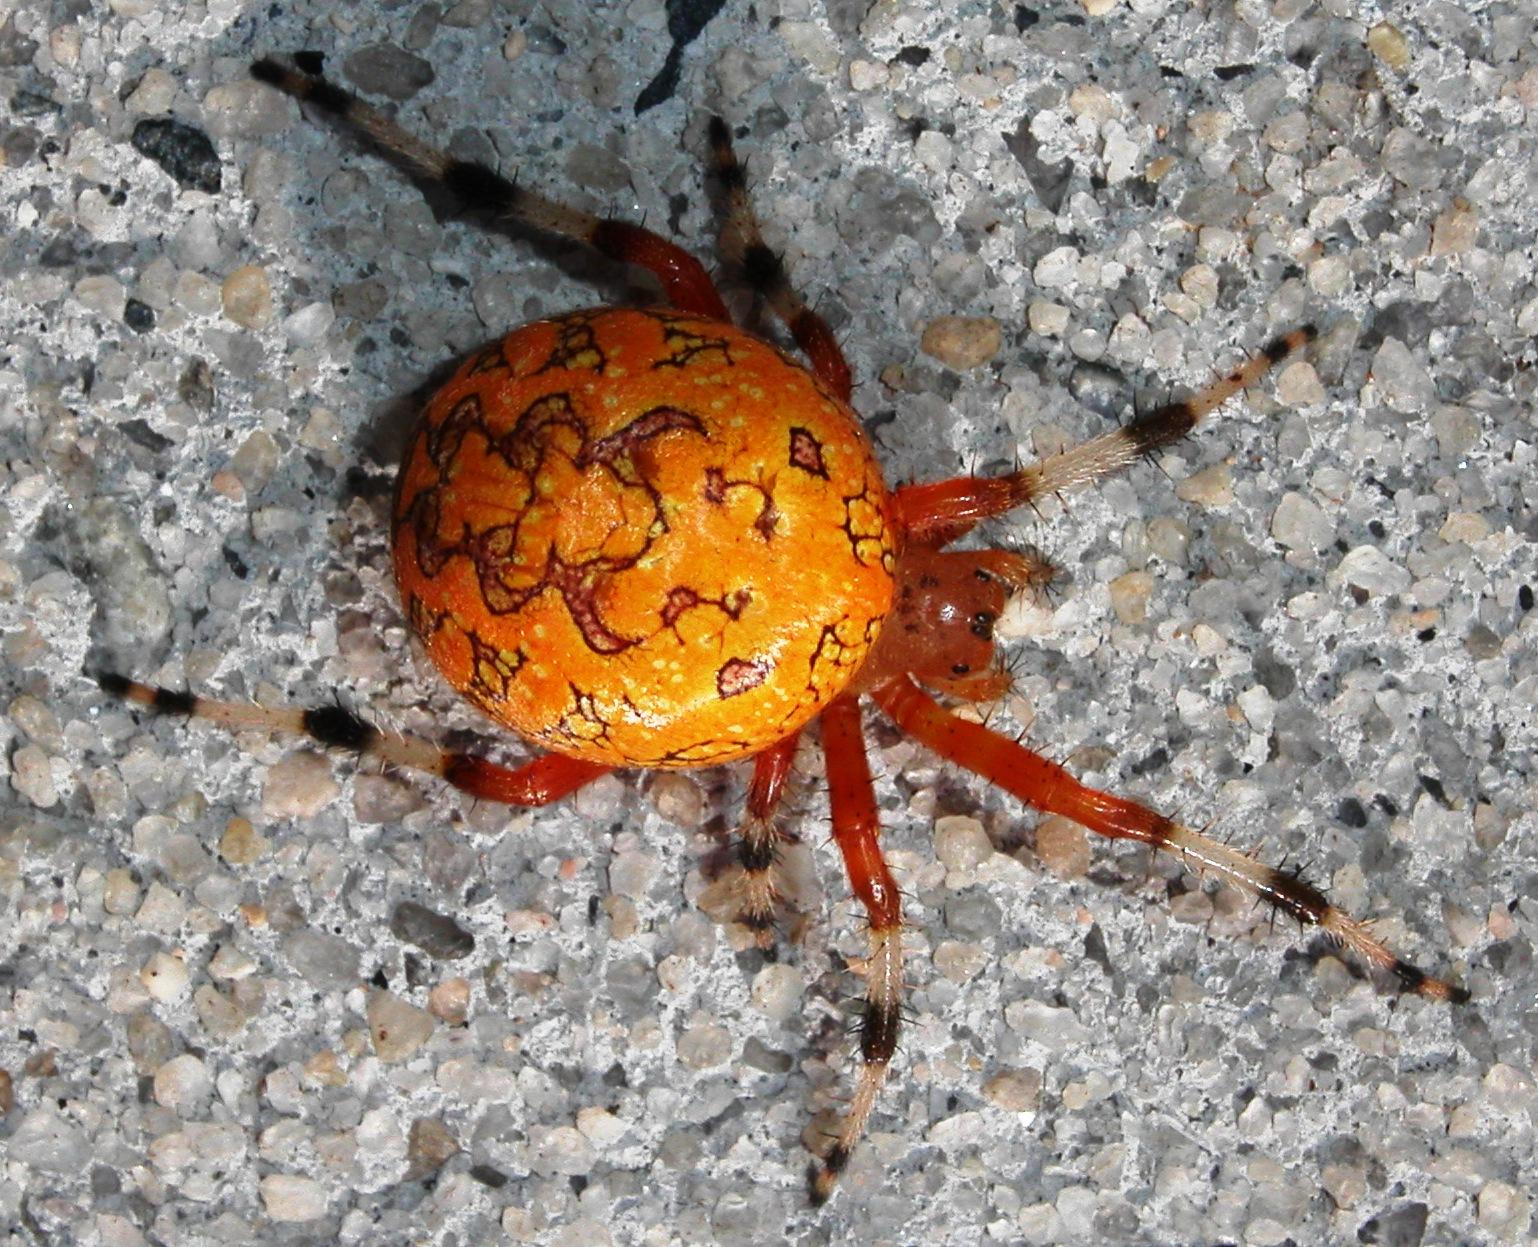 Large orange spider pictures